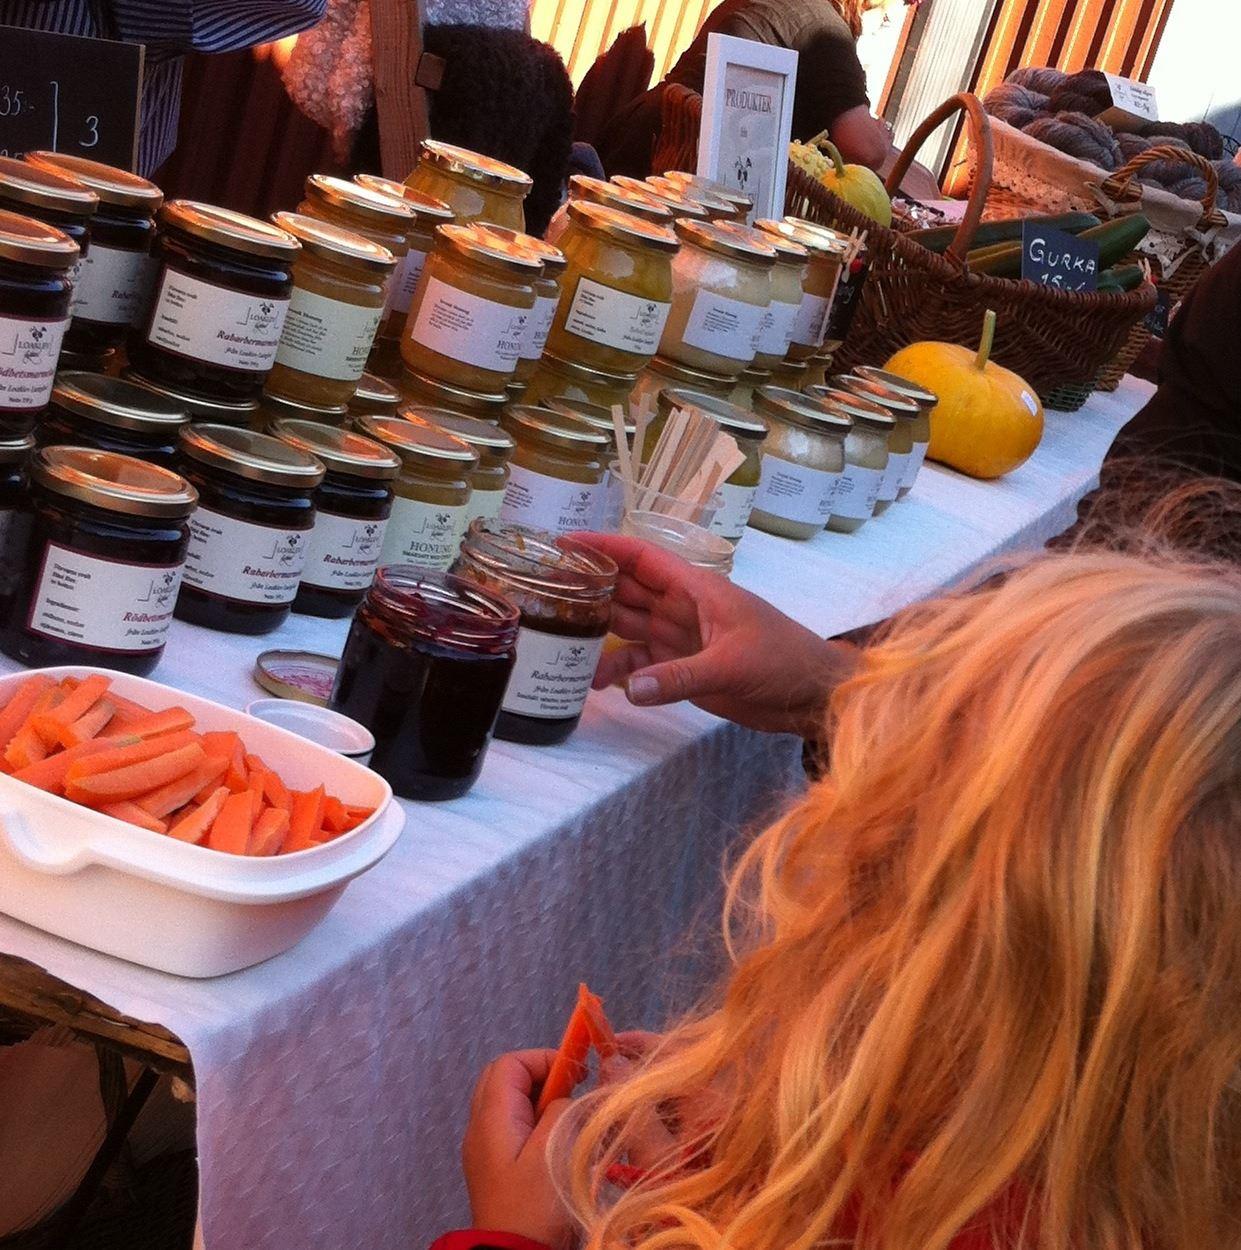 Cecilia Malmqvist, Harvest festival in Stenberga